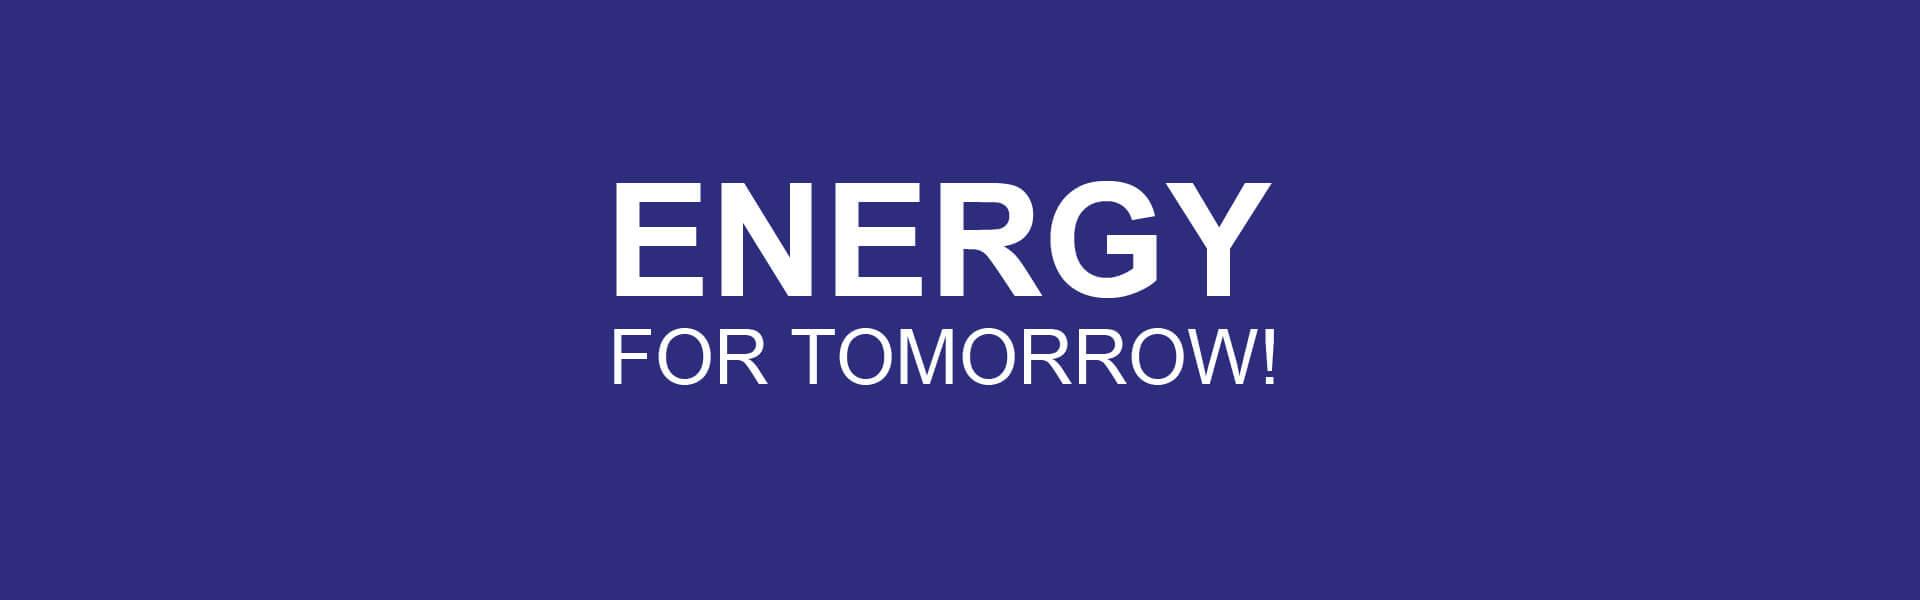 Energie für Morgen!